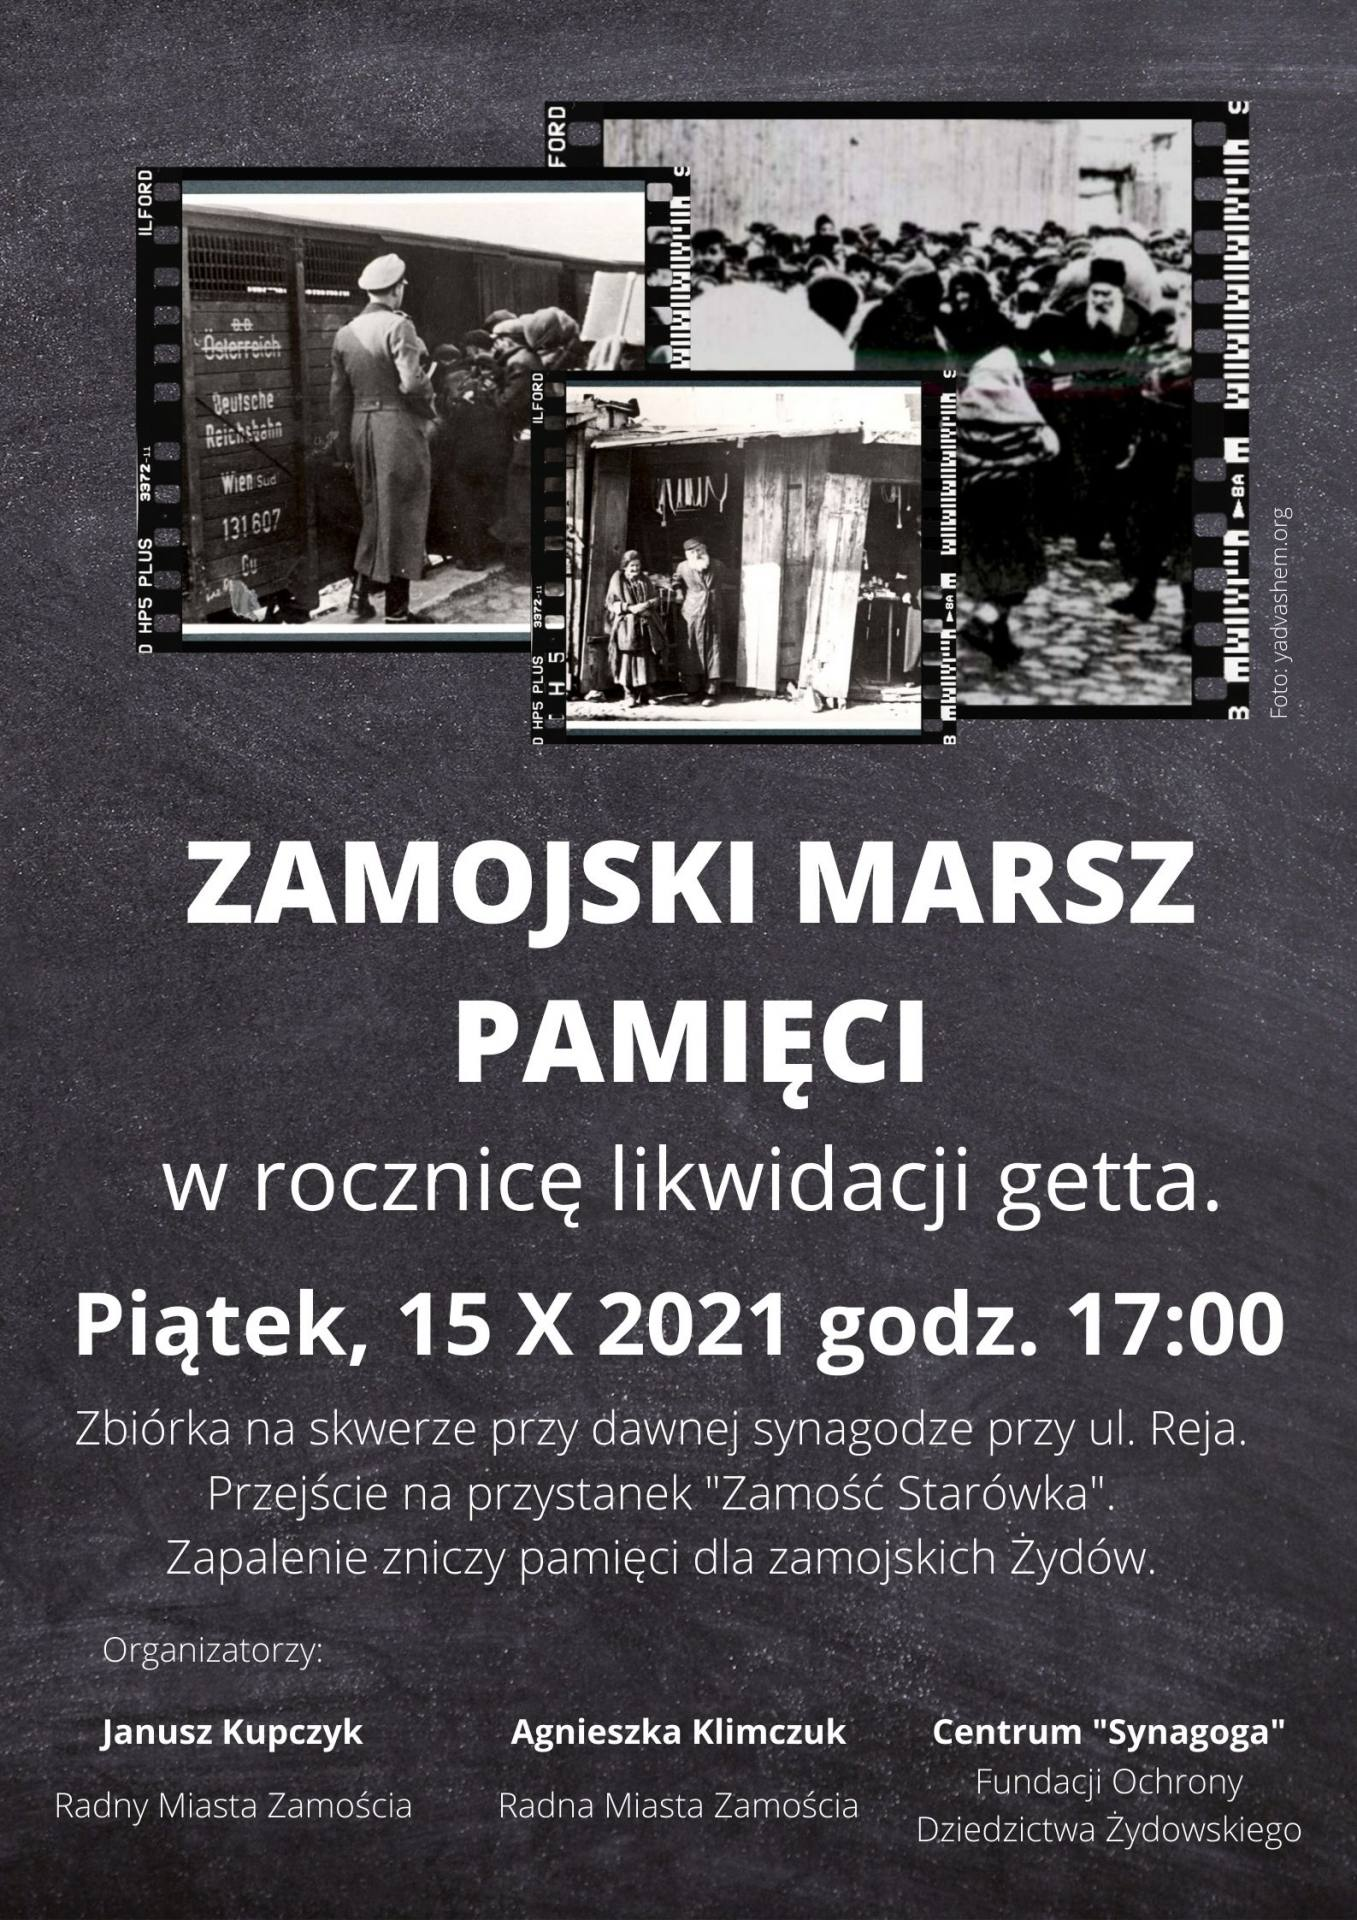 plakat 2021 Zamojski Marsz Pamięci w rocznicę likwidacji getta